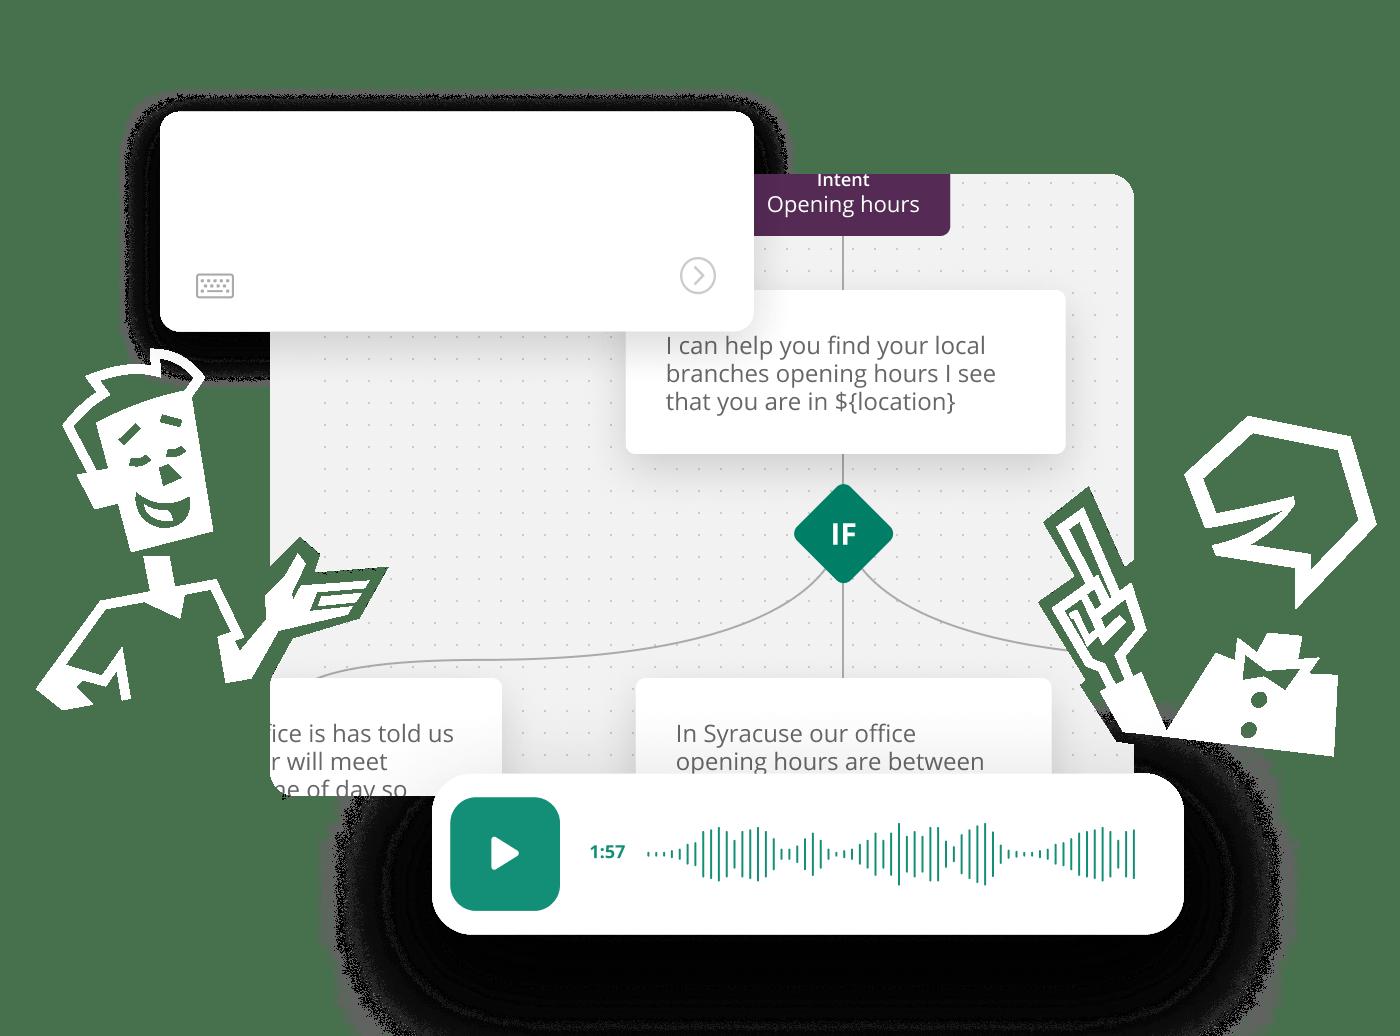 Voice bots